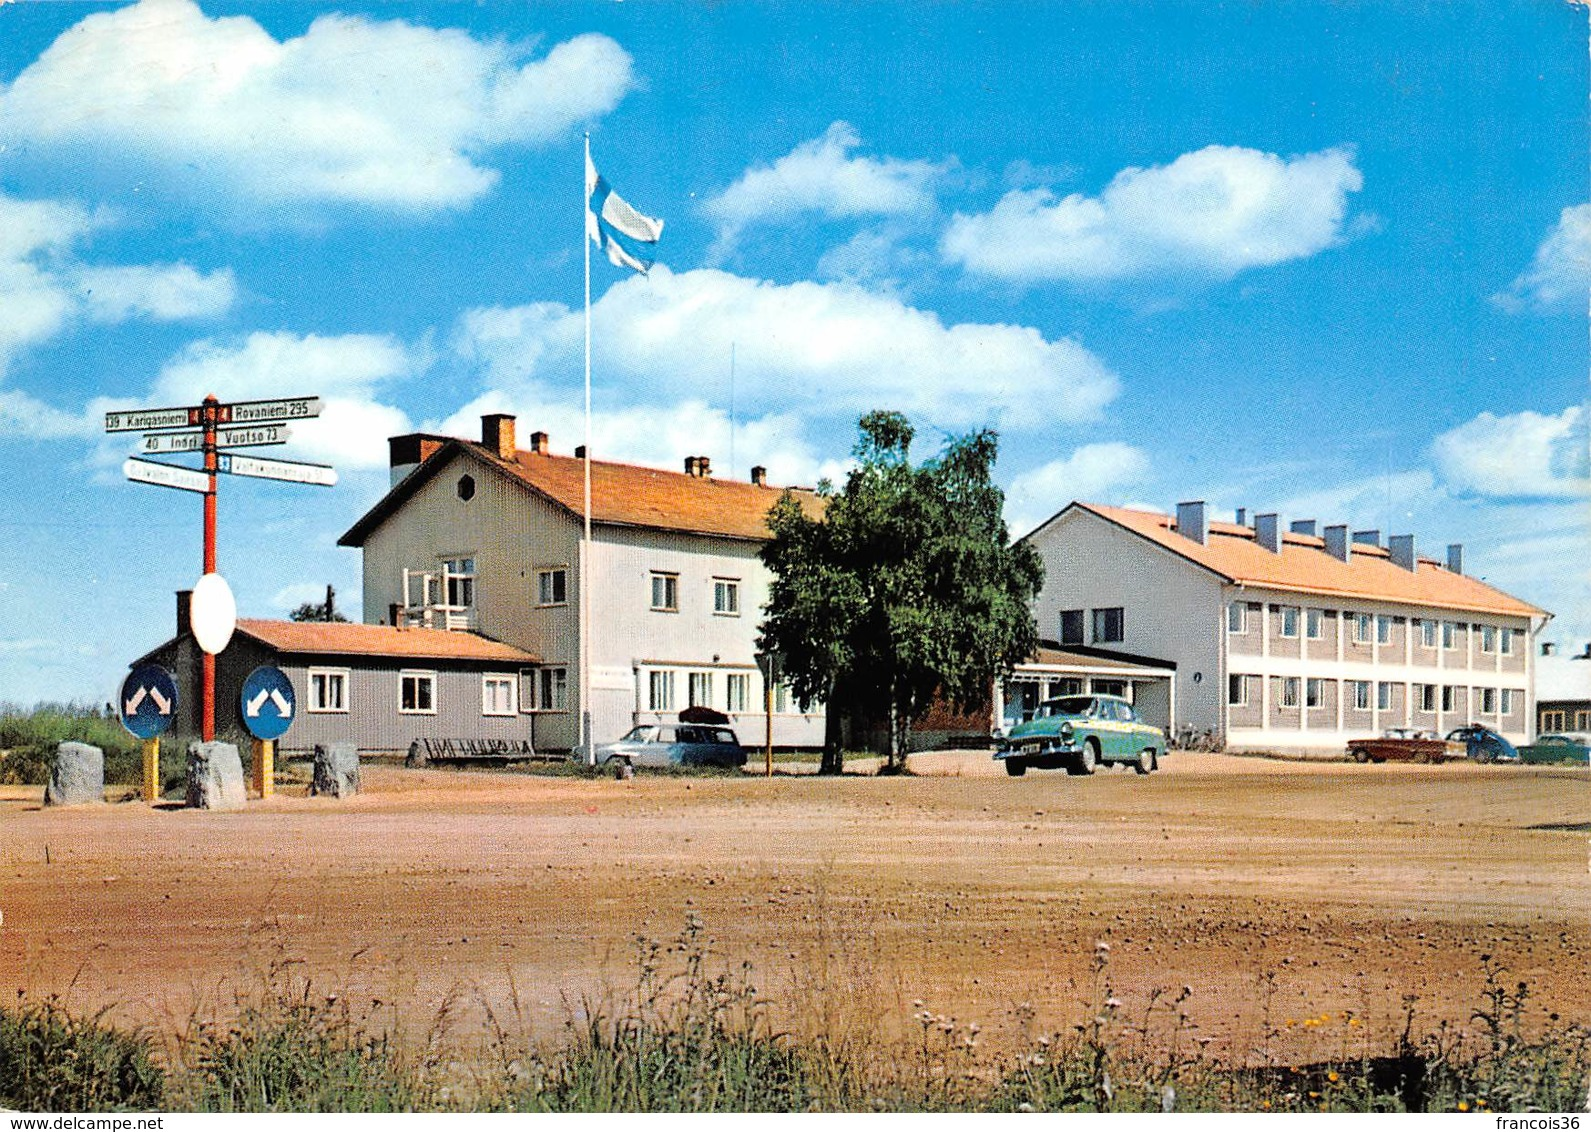 Finlande - Lappi Lapland Suomi Finland - Ivalo - Tourist Station - Finlande